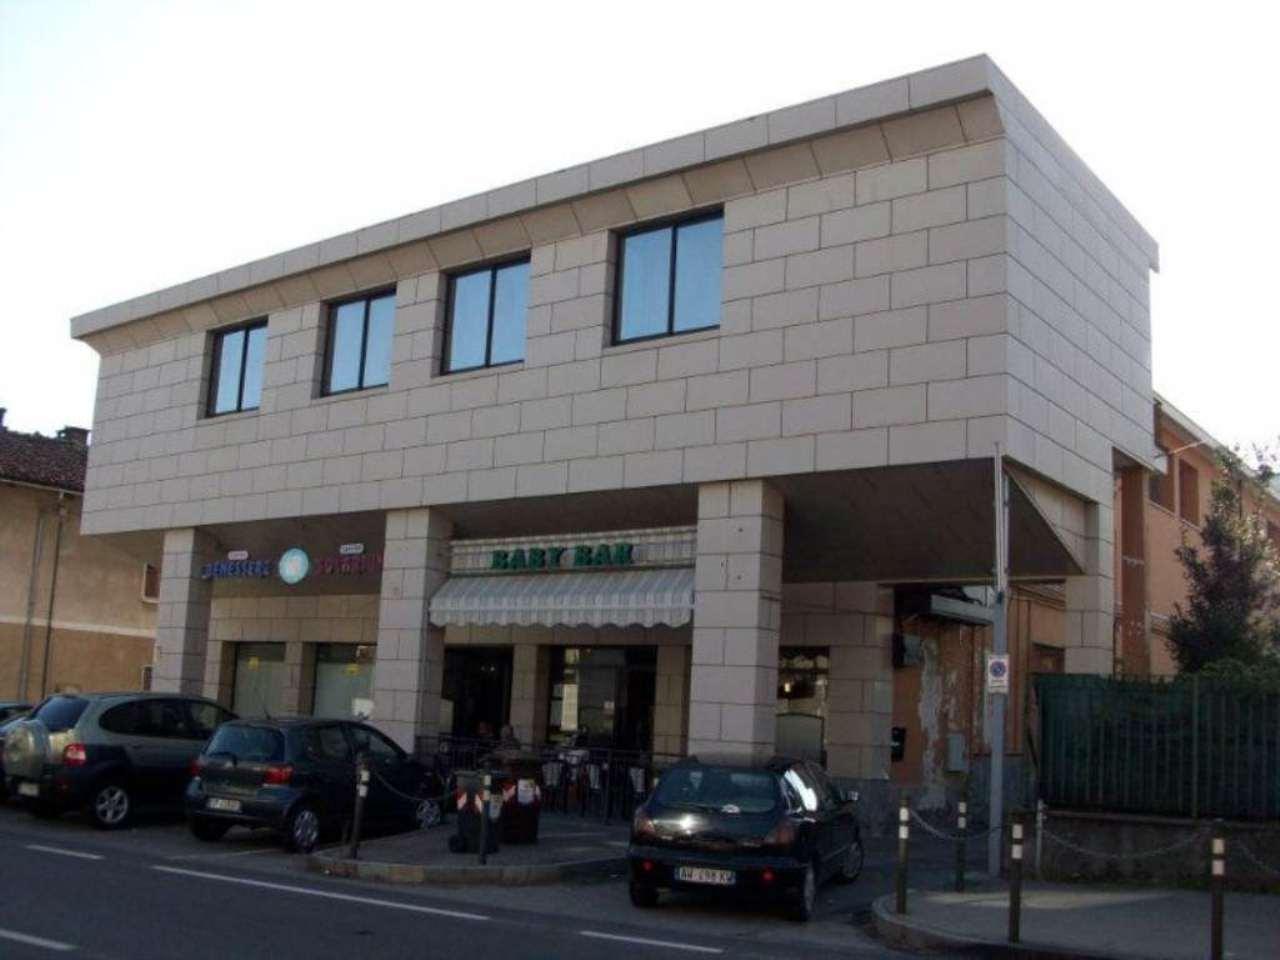 Negozio / Locale in vendita a Alpignano, 2 locali, prezzo € 110.000 | Cambio Casa.it